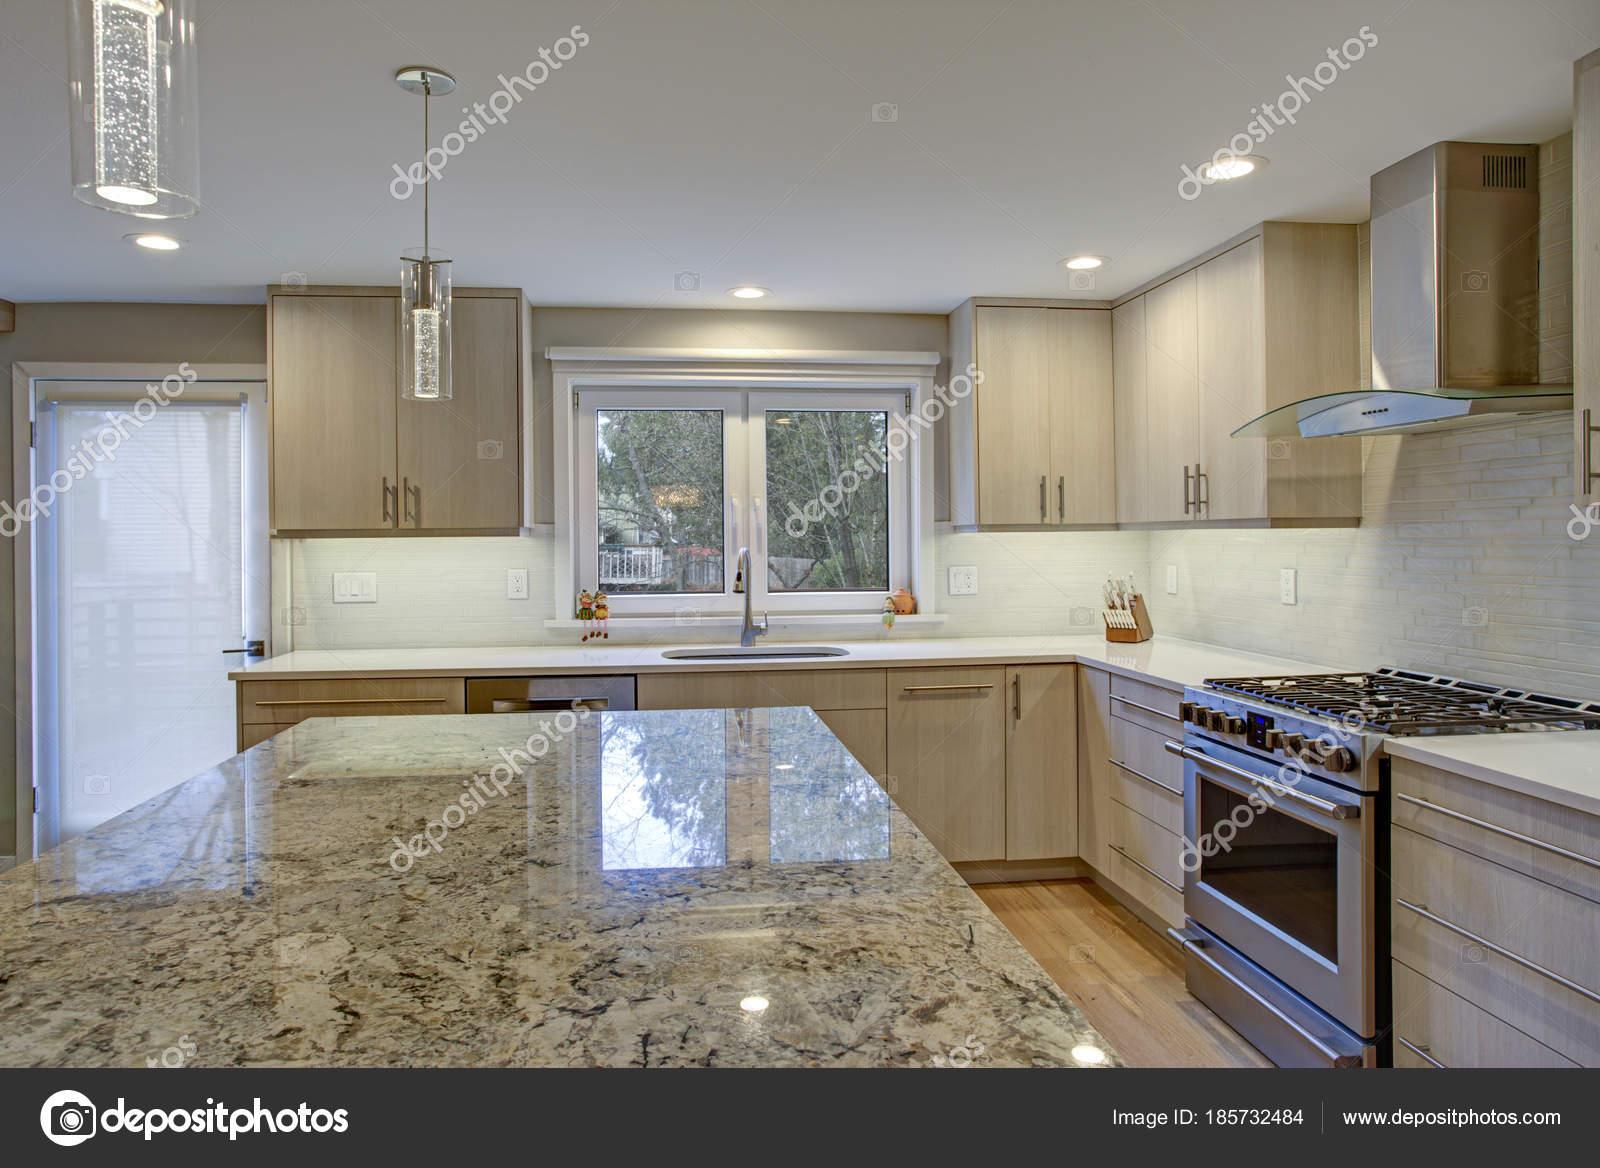 Schöne Küche mit Kochinsel — Stockfoto © alabn #185732484